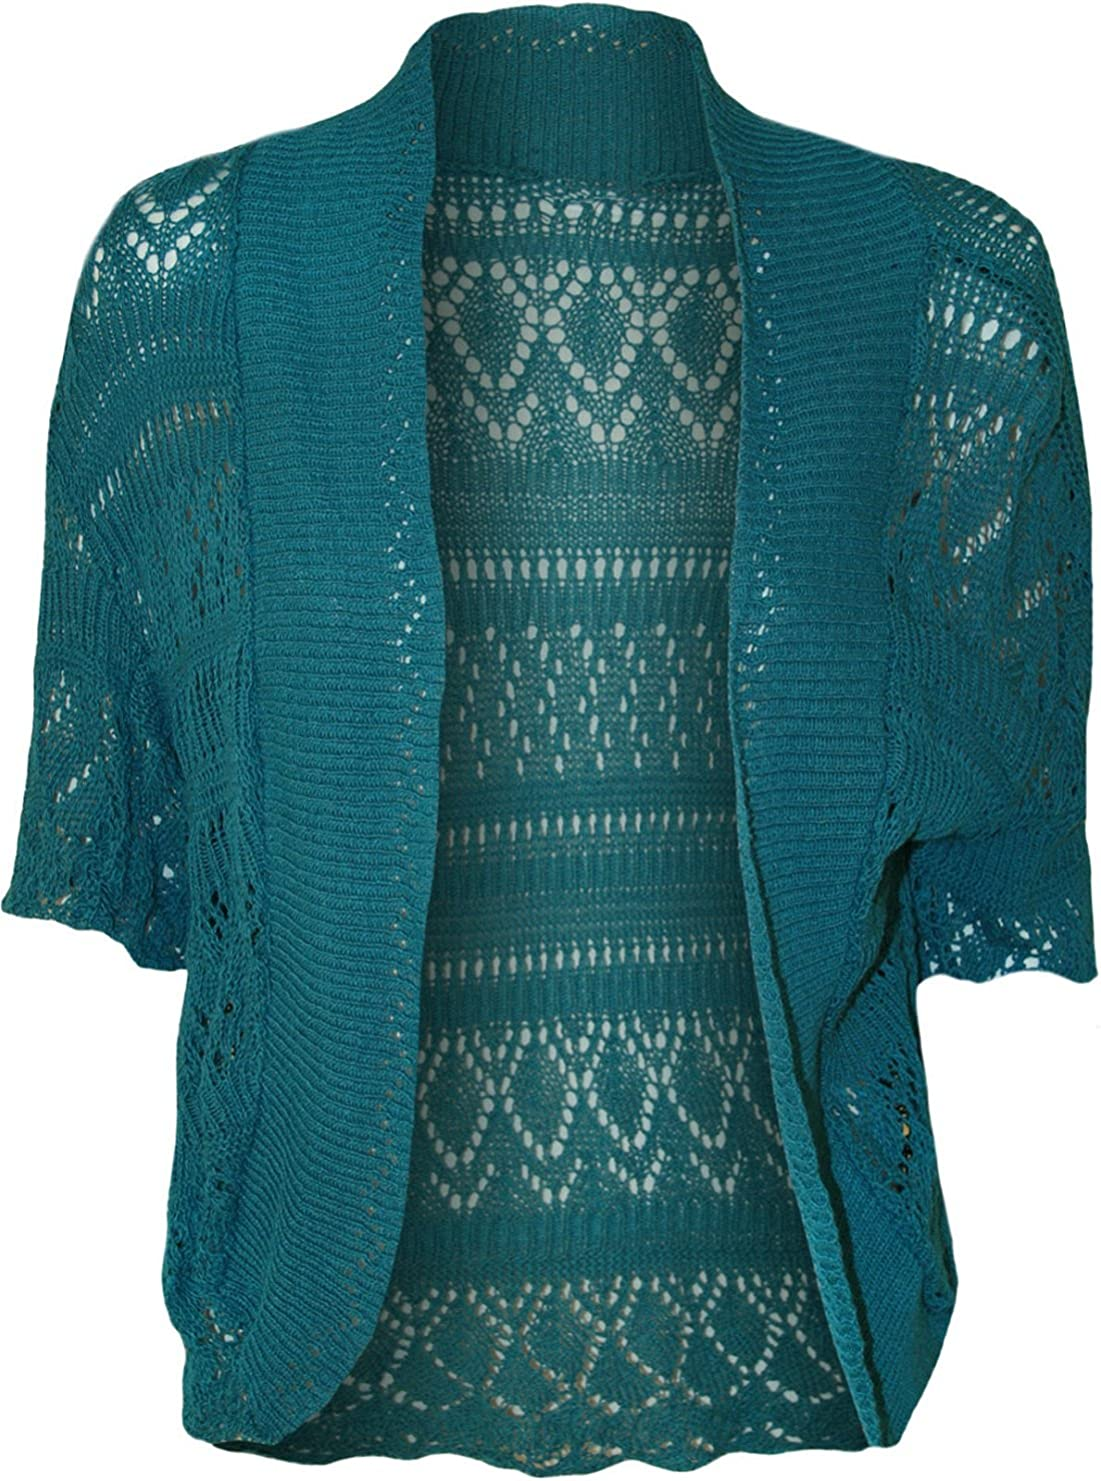 RM Women's Ladies Knitted Bolero Crochet Cardigan Shrug (SM-4XL)